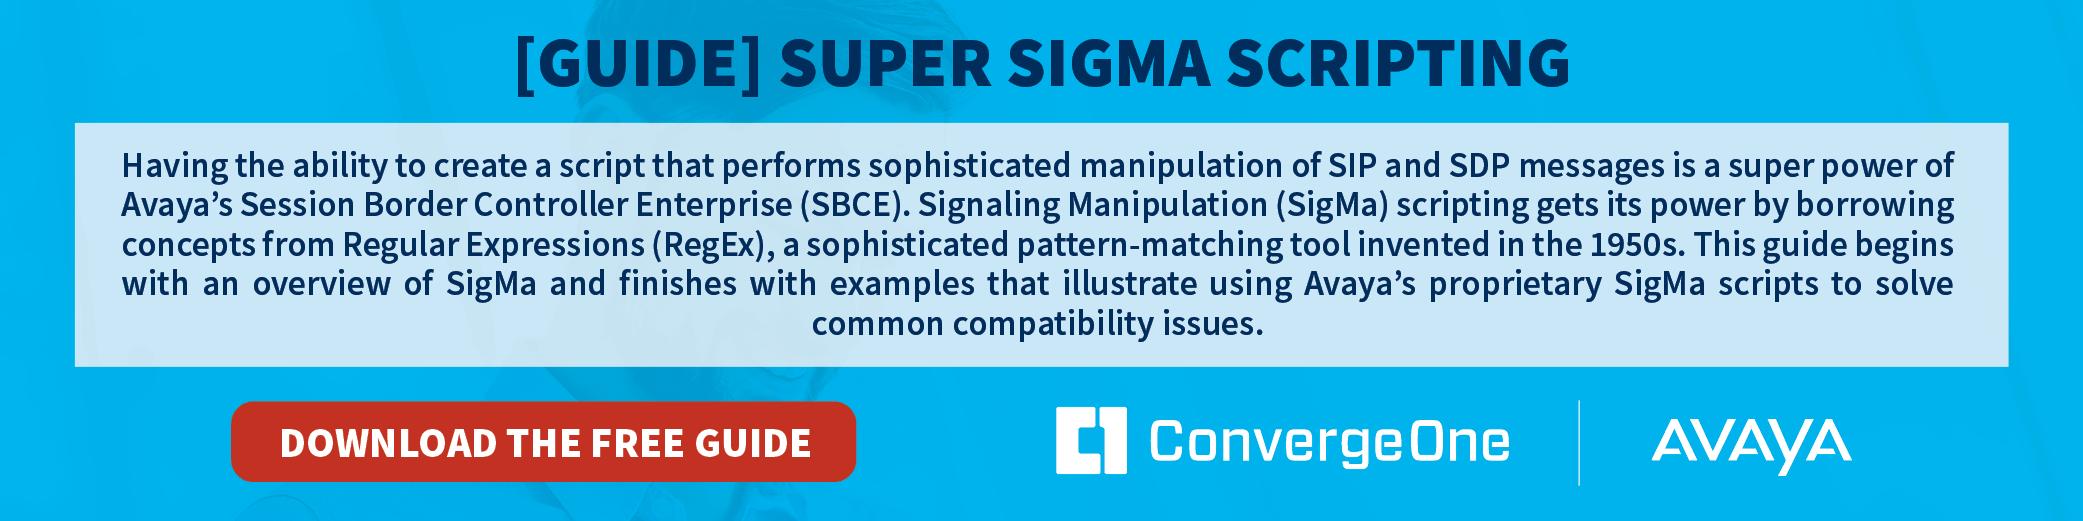 Avaya Super Sigma Scripting Guide